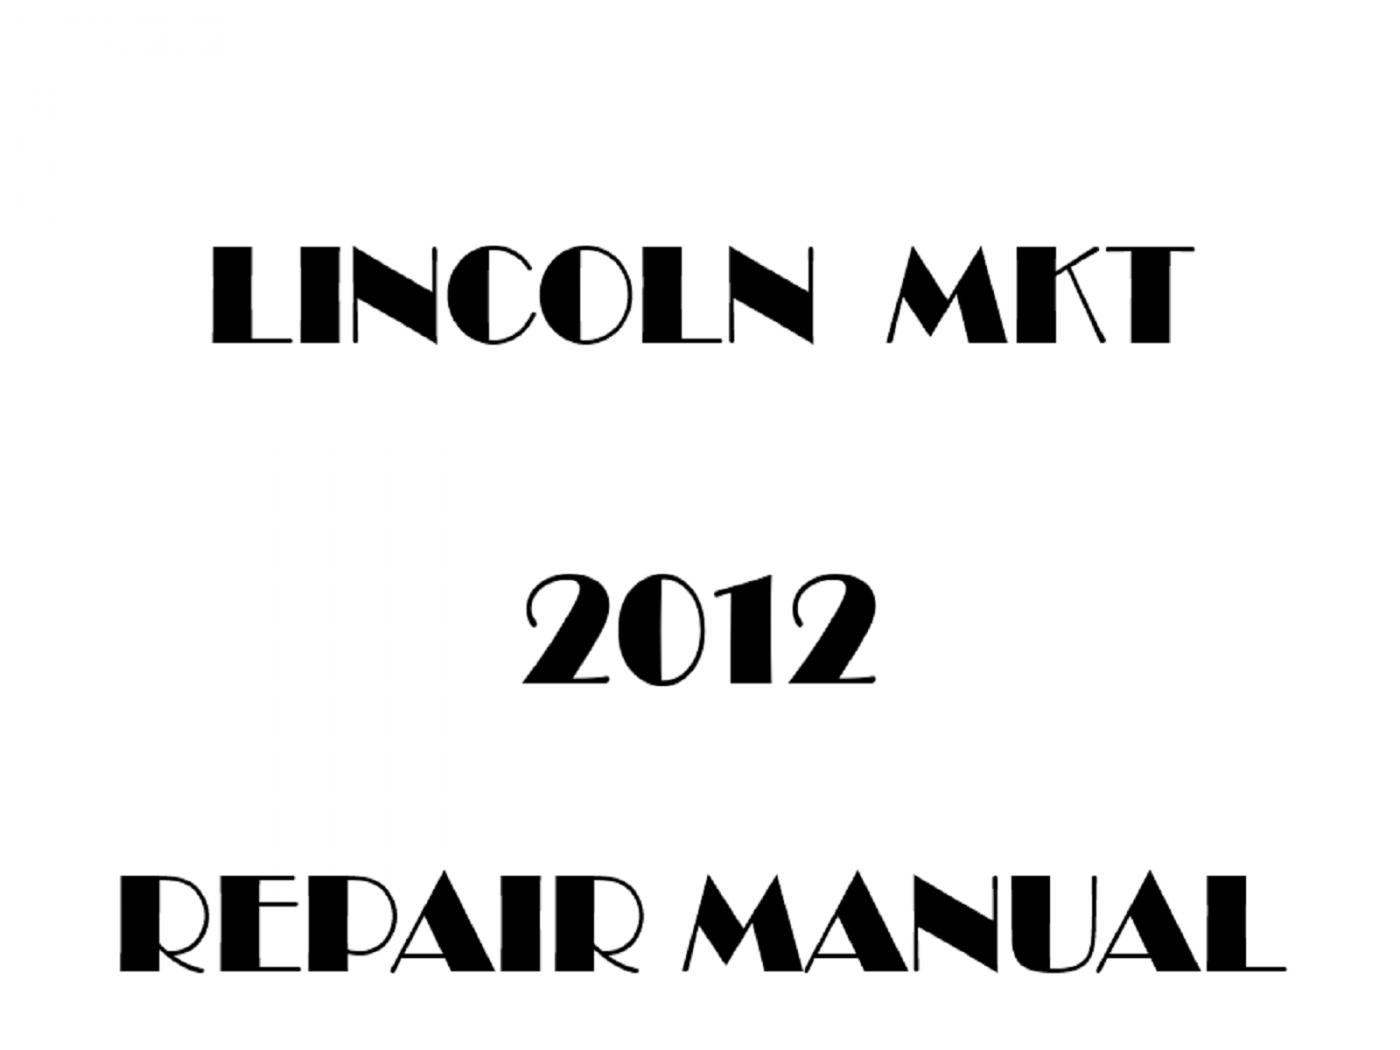 2012 Lincoln MKT repair manual